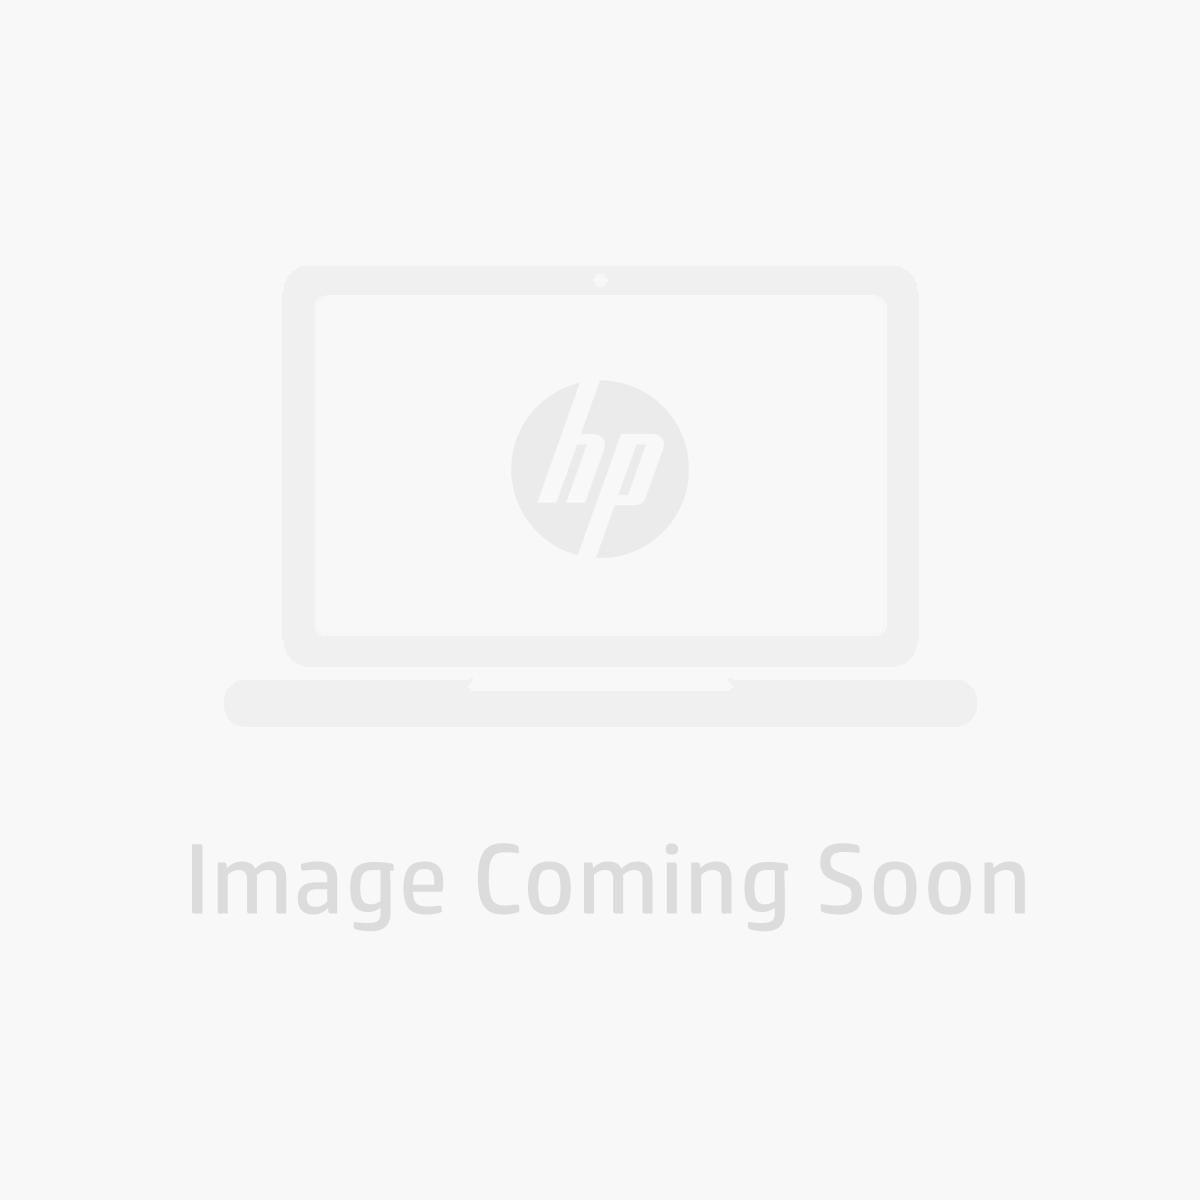 HP ProBook 450 G6 i7 laptop bundle - (Office 365 Business Premium)